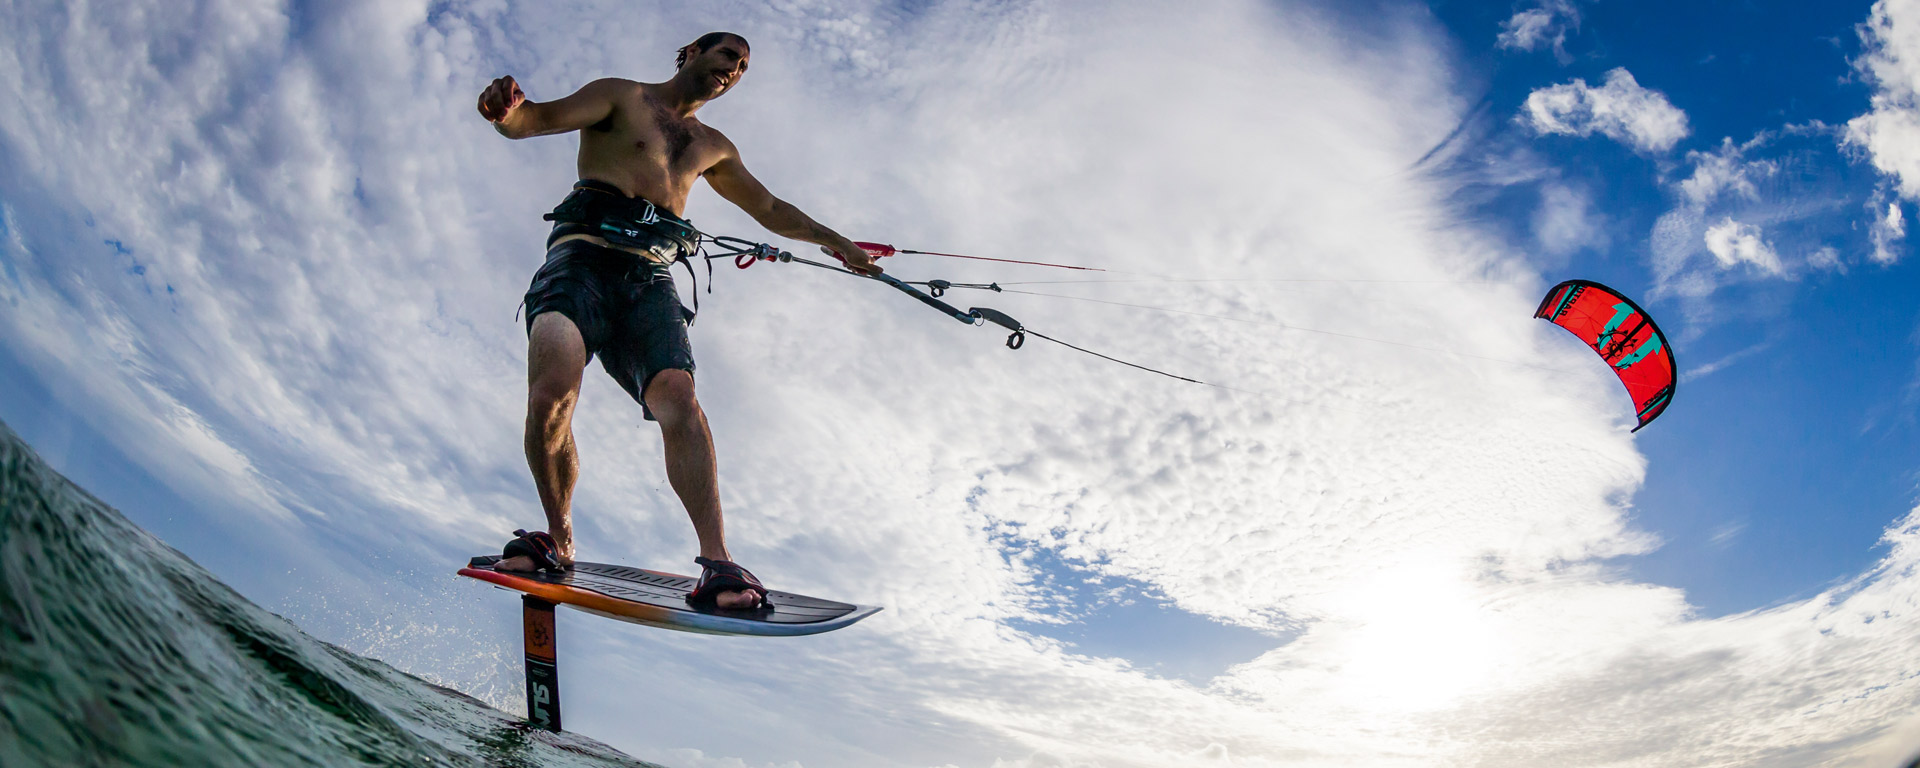 Un large choix de sports terrestres et nautiques gratuits